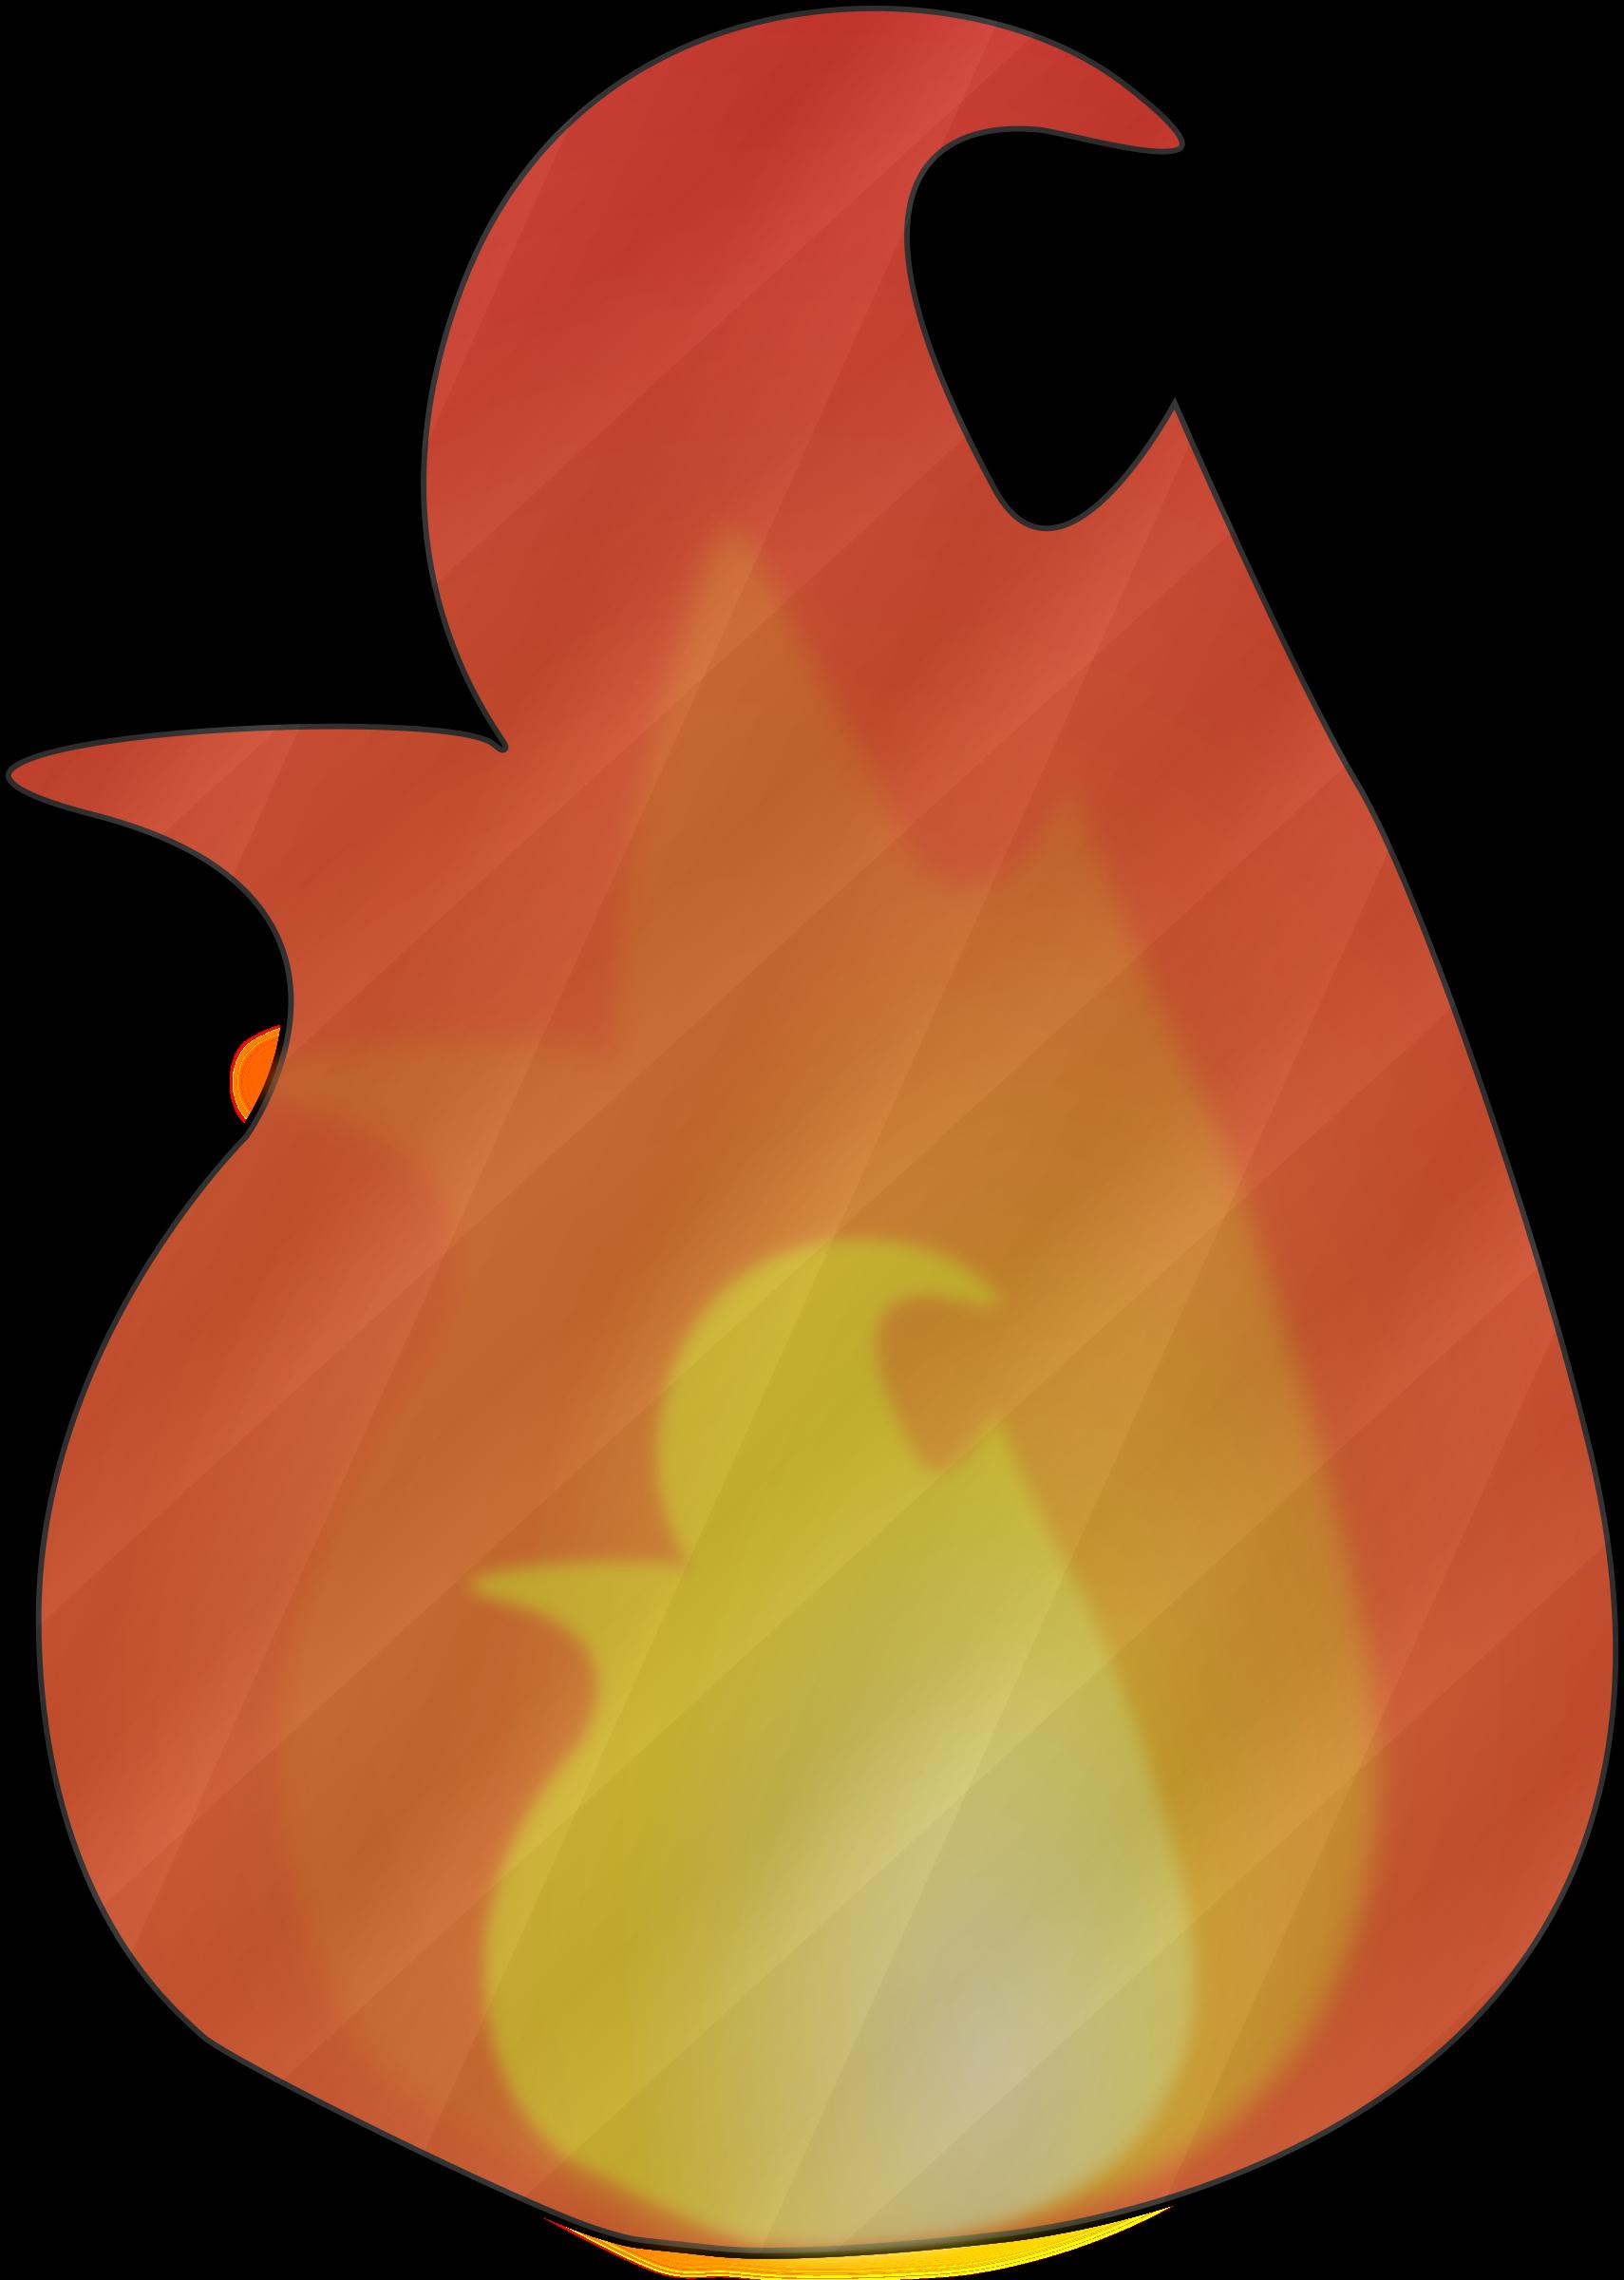 Pear clipart peach. Cloth flame big image